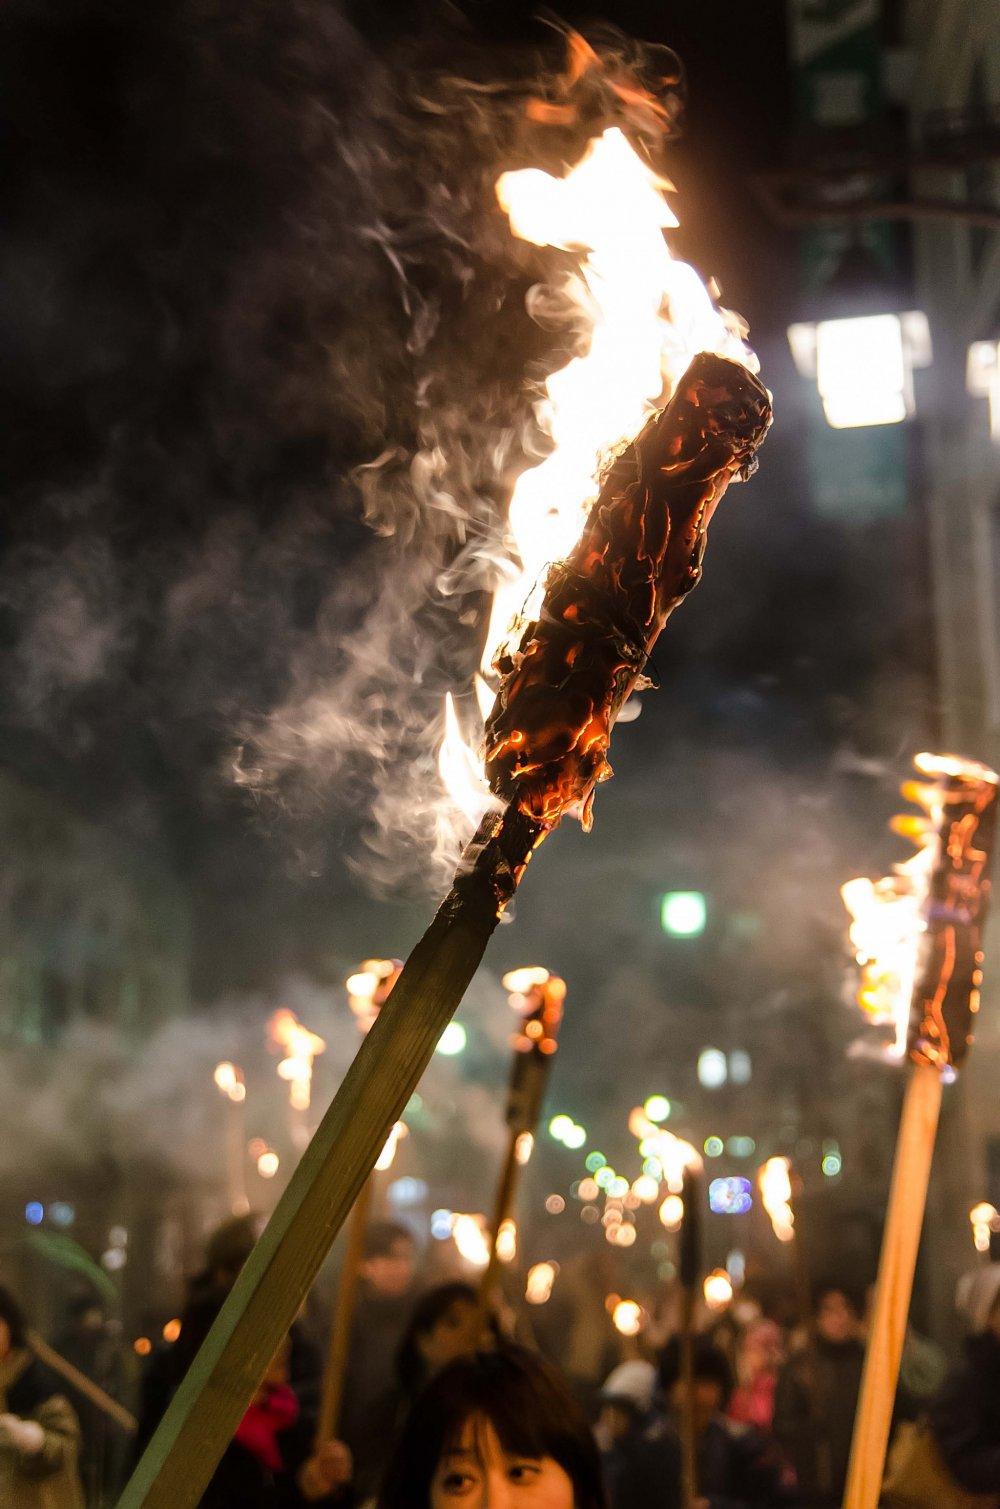 ชูคบไฟไปบนถนนของอุนะสุกิ